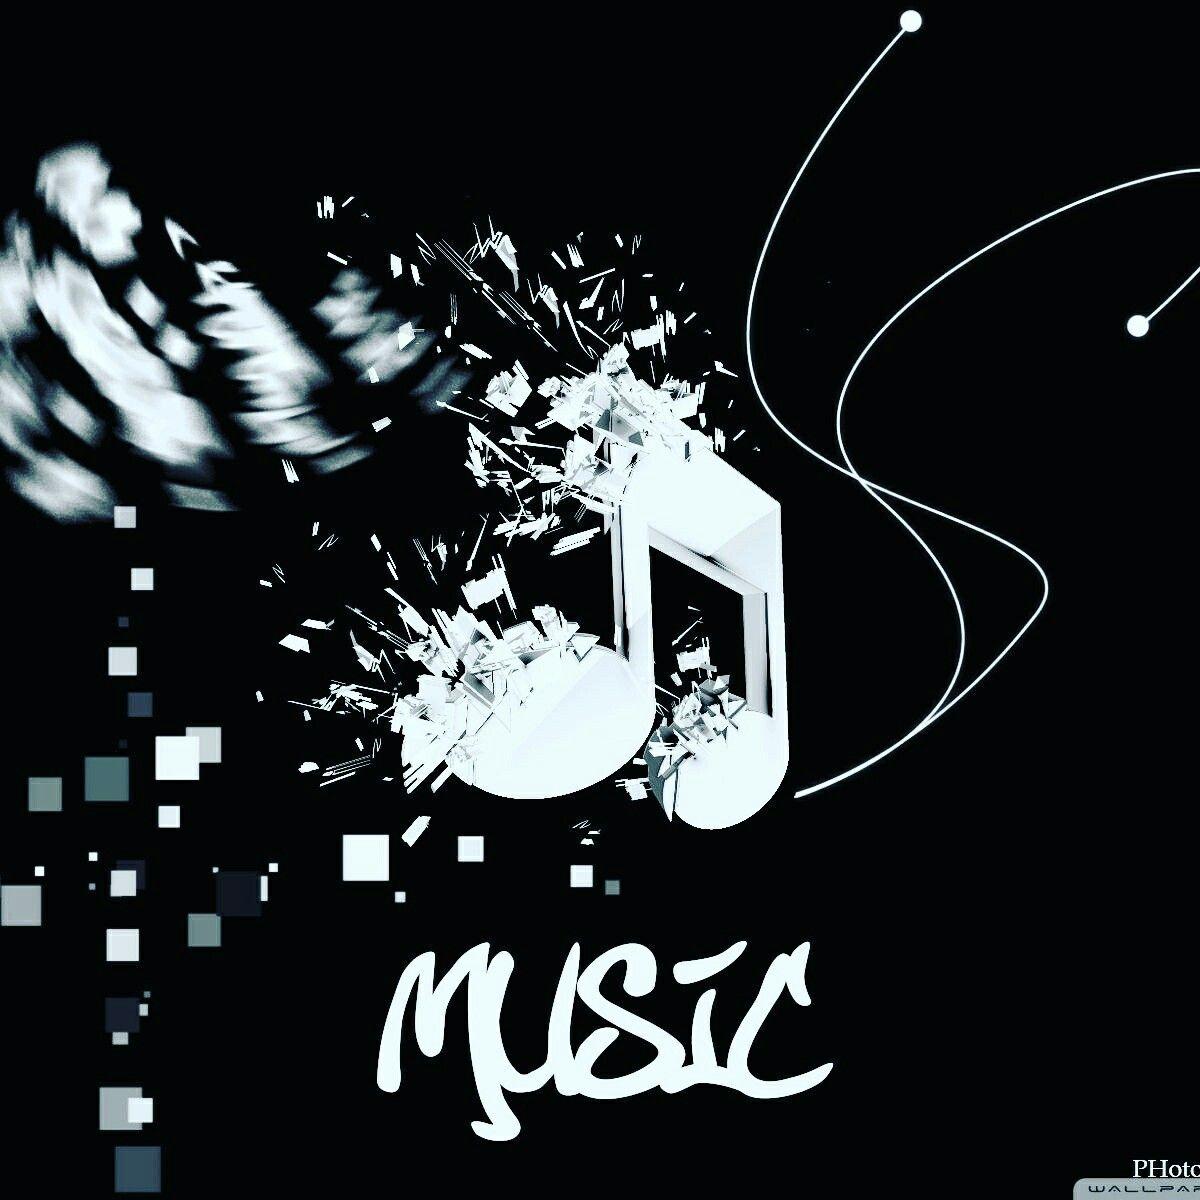 Good Wallpaper Music Cell Phone - b2b4073b801fff517a2a545a81939cbf  Graphic_432522.jpg